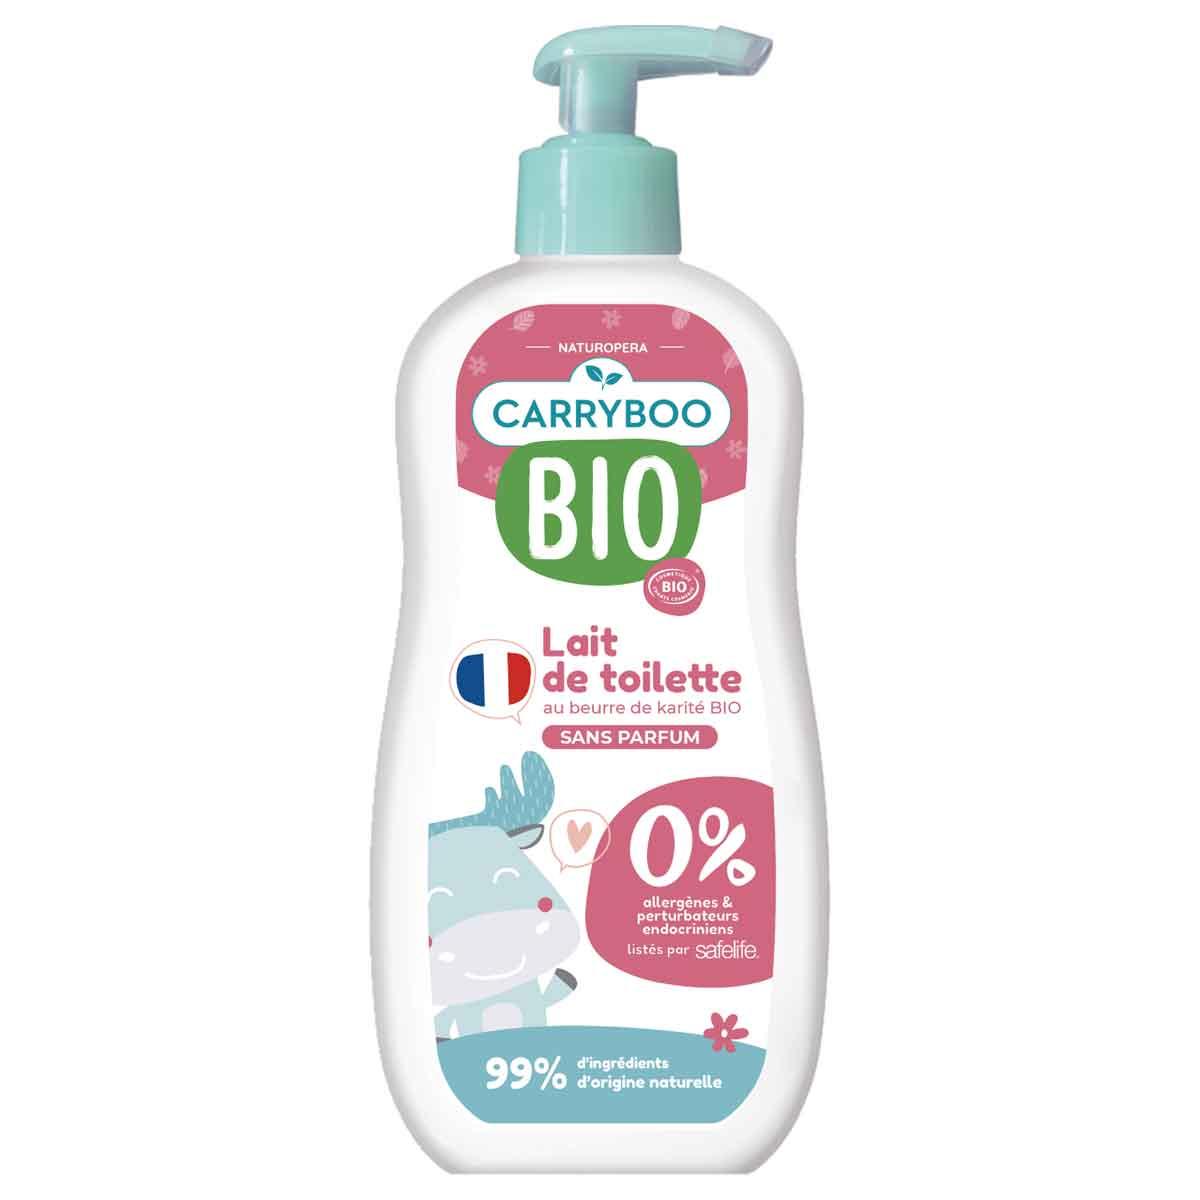 Carryboo - 2x Lait de Toilette BIO (500ml) Tout Doux et Sans Parfum